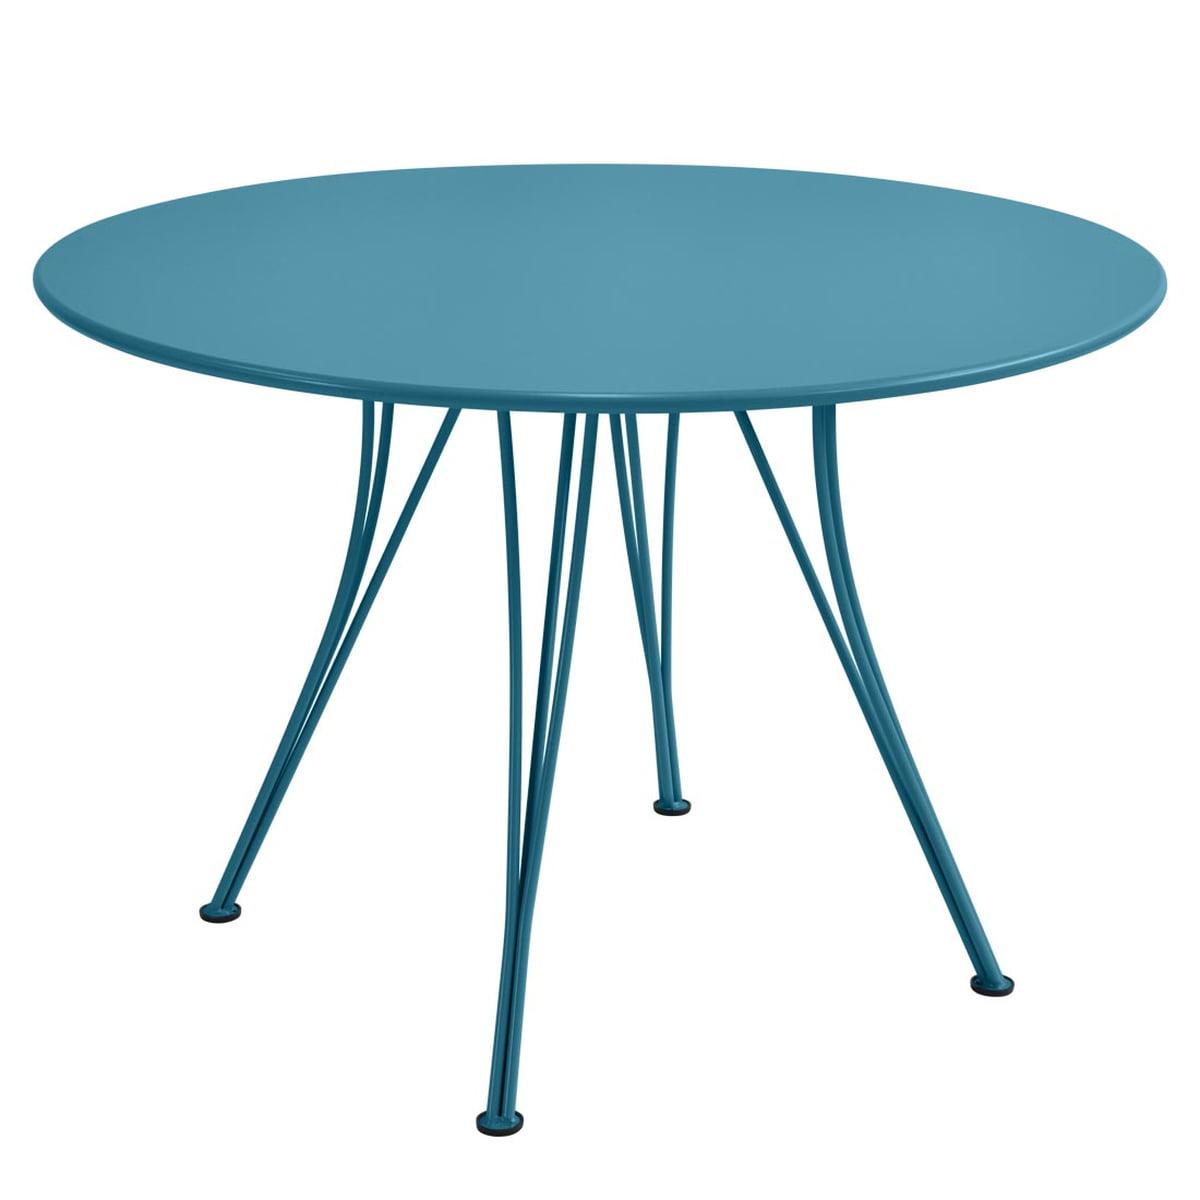 Table Rendez-Vous de Fermob dans la boutique